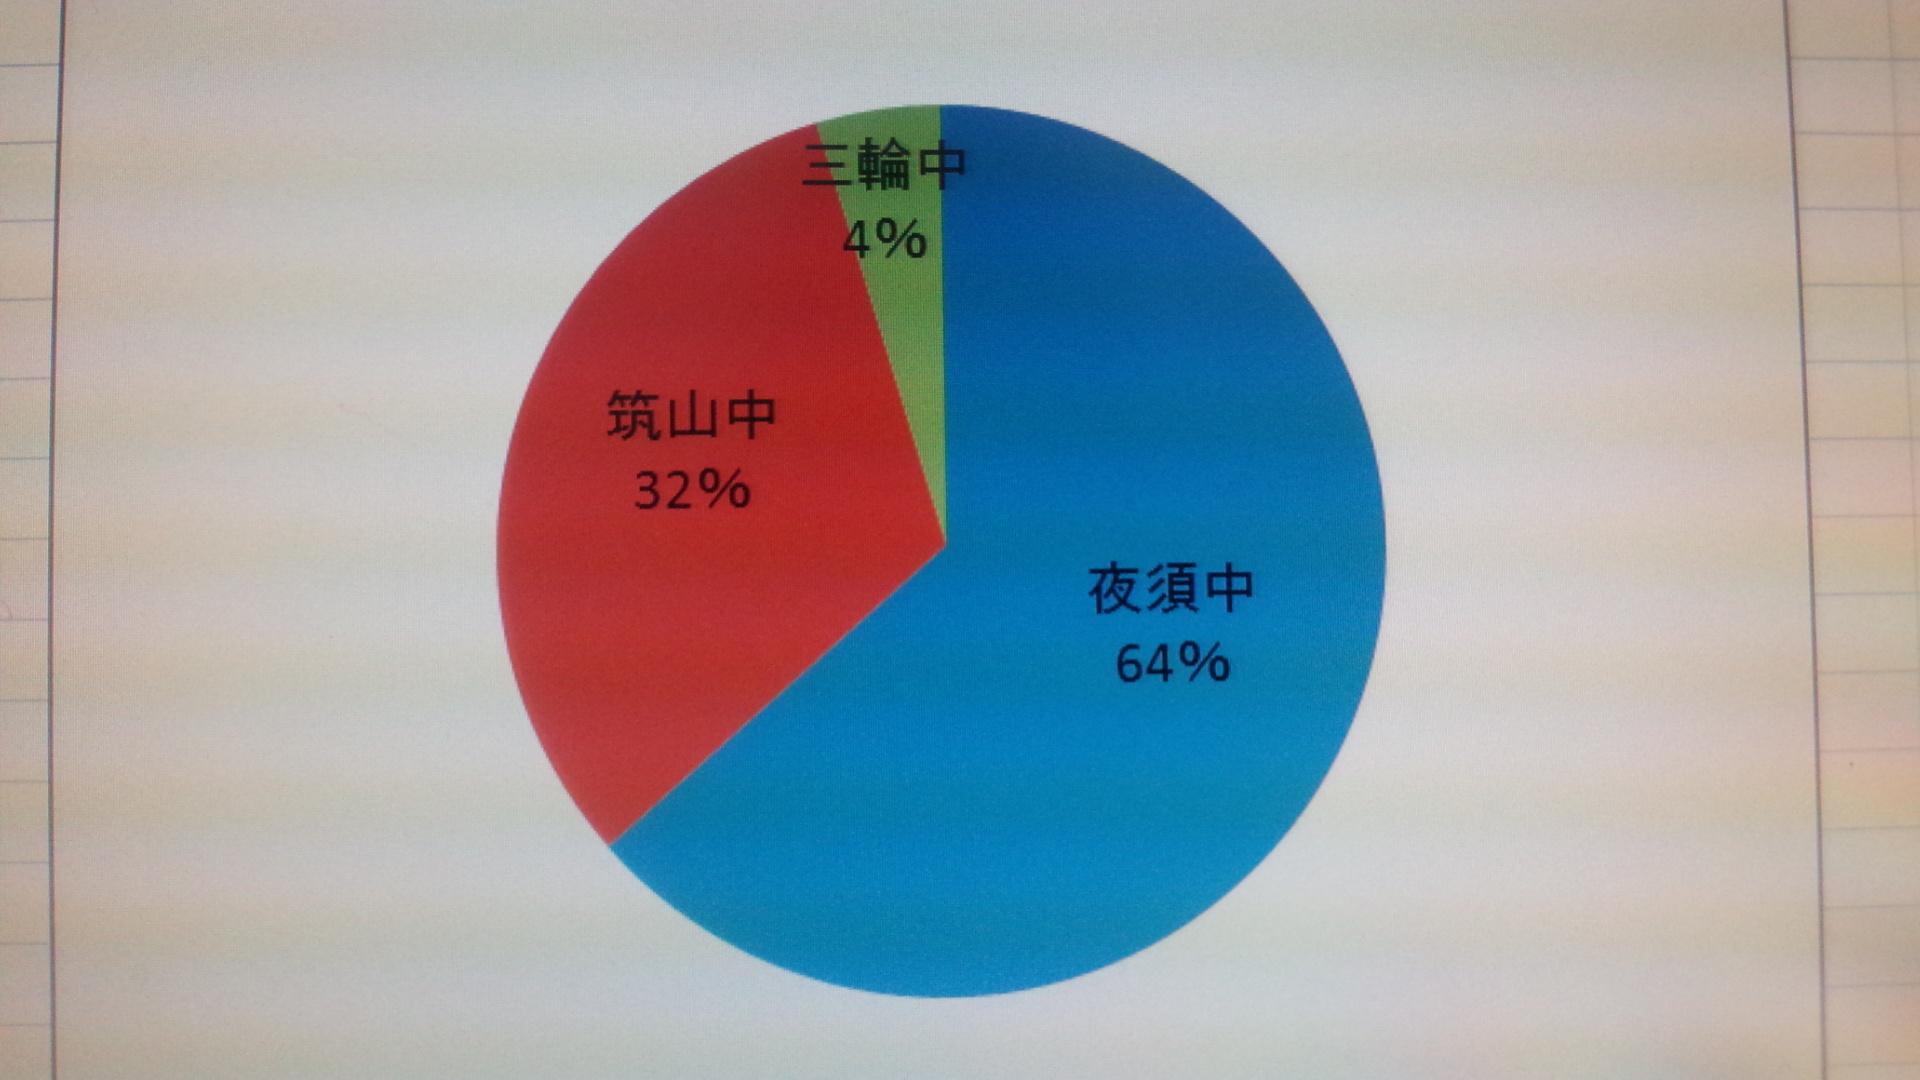 山家道校塾生学校別の割合_e0346167_21591670.jpg